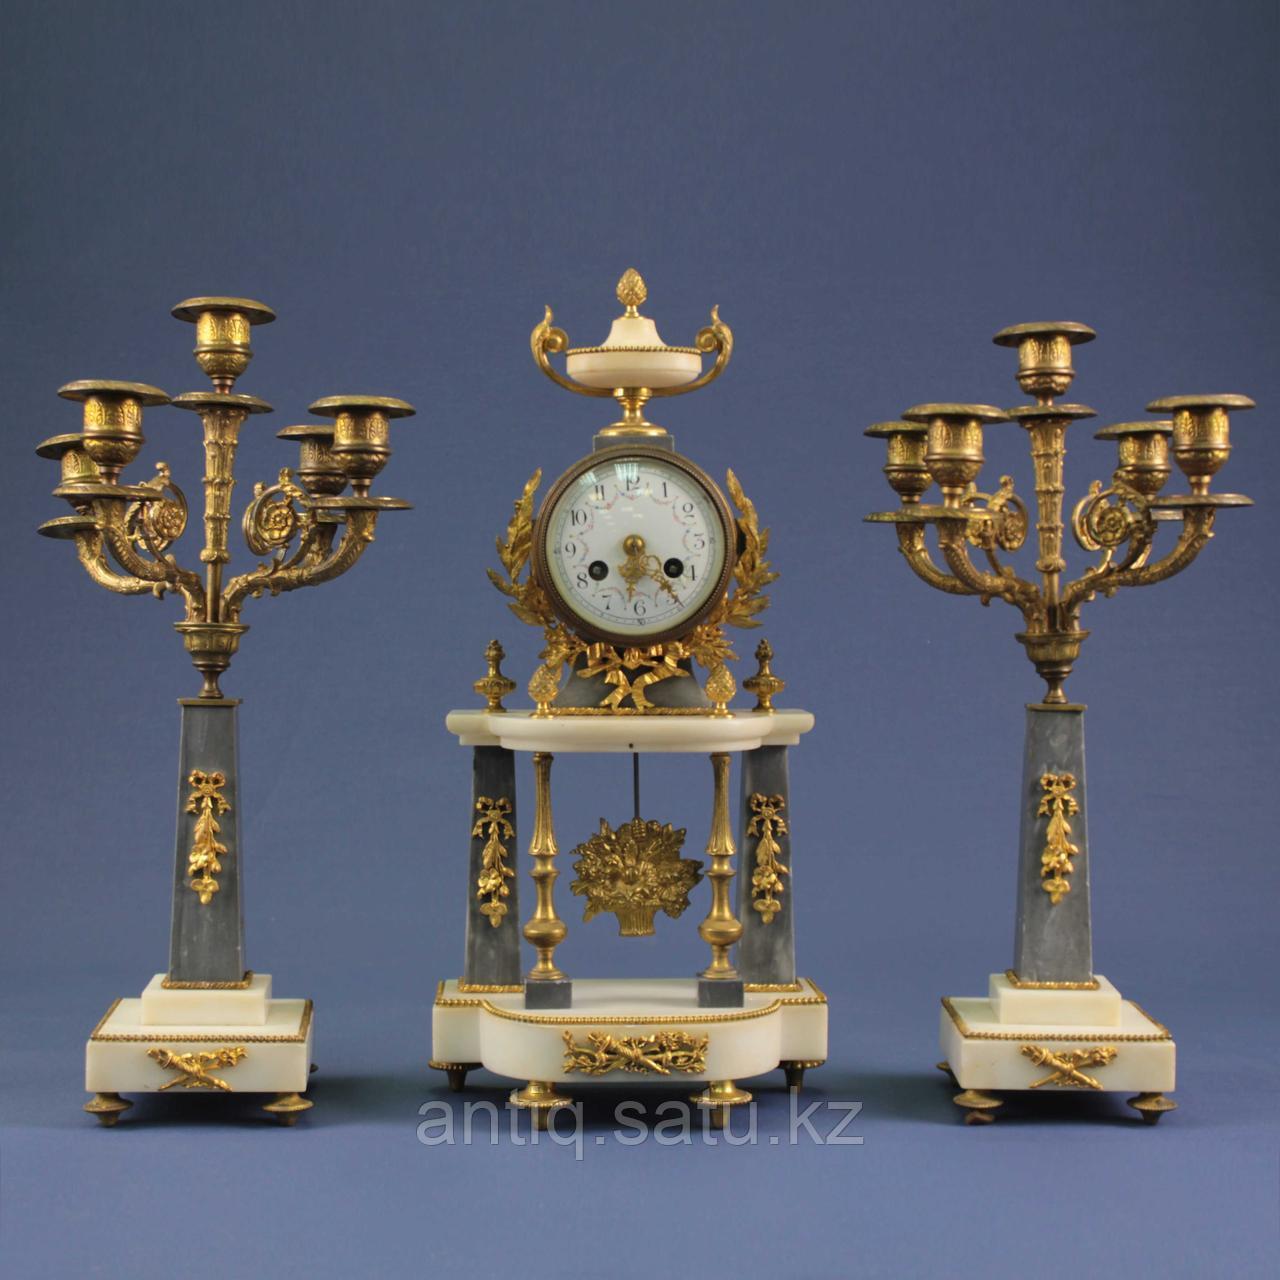 Кабинетный часовой гарнитур в стиле Людовика XVI. 1855 год. Часовая мастерская Vincenti - фото 1